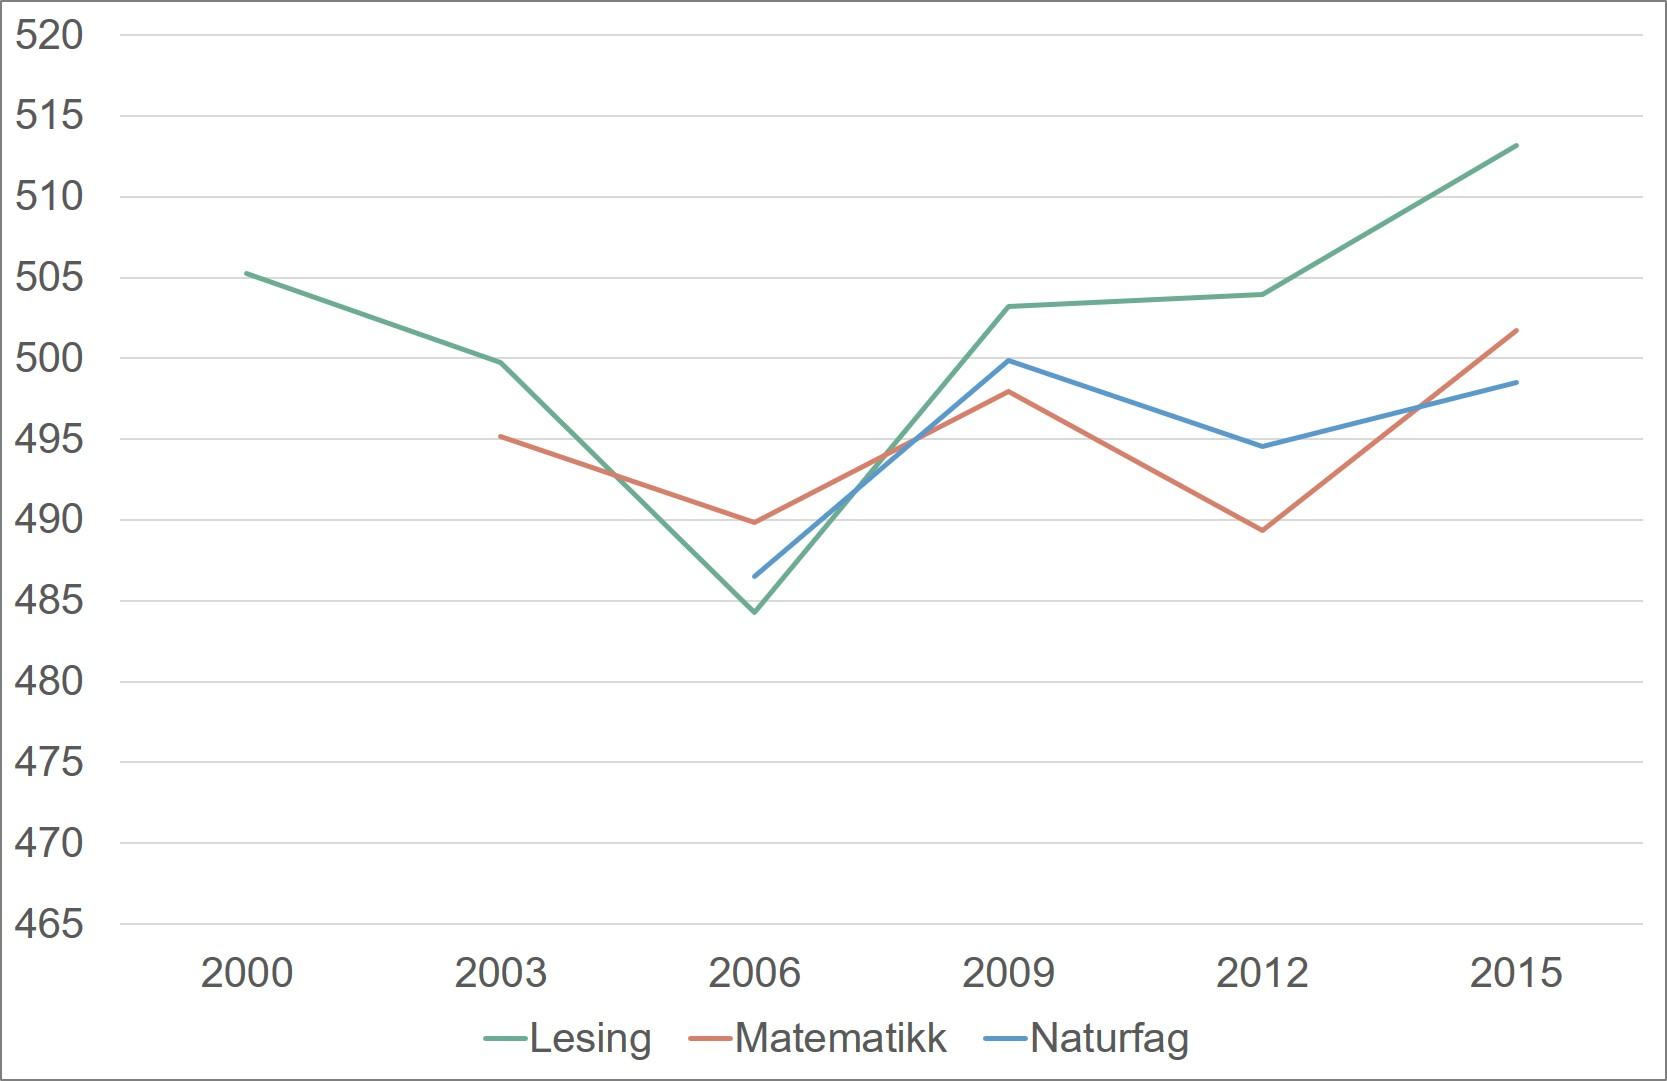 Gjennomsnittsskår for norske 15-åringer i lesing, matematikk og naturfag. 2000-2015.Merknad: Skalaen begynner på 465